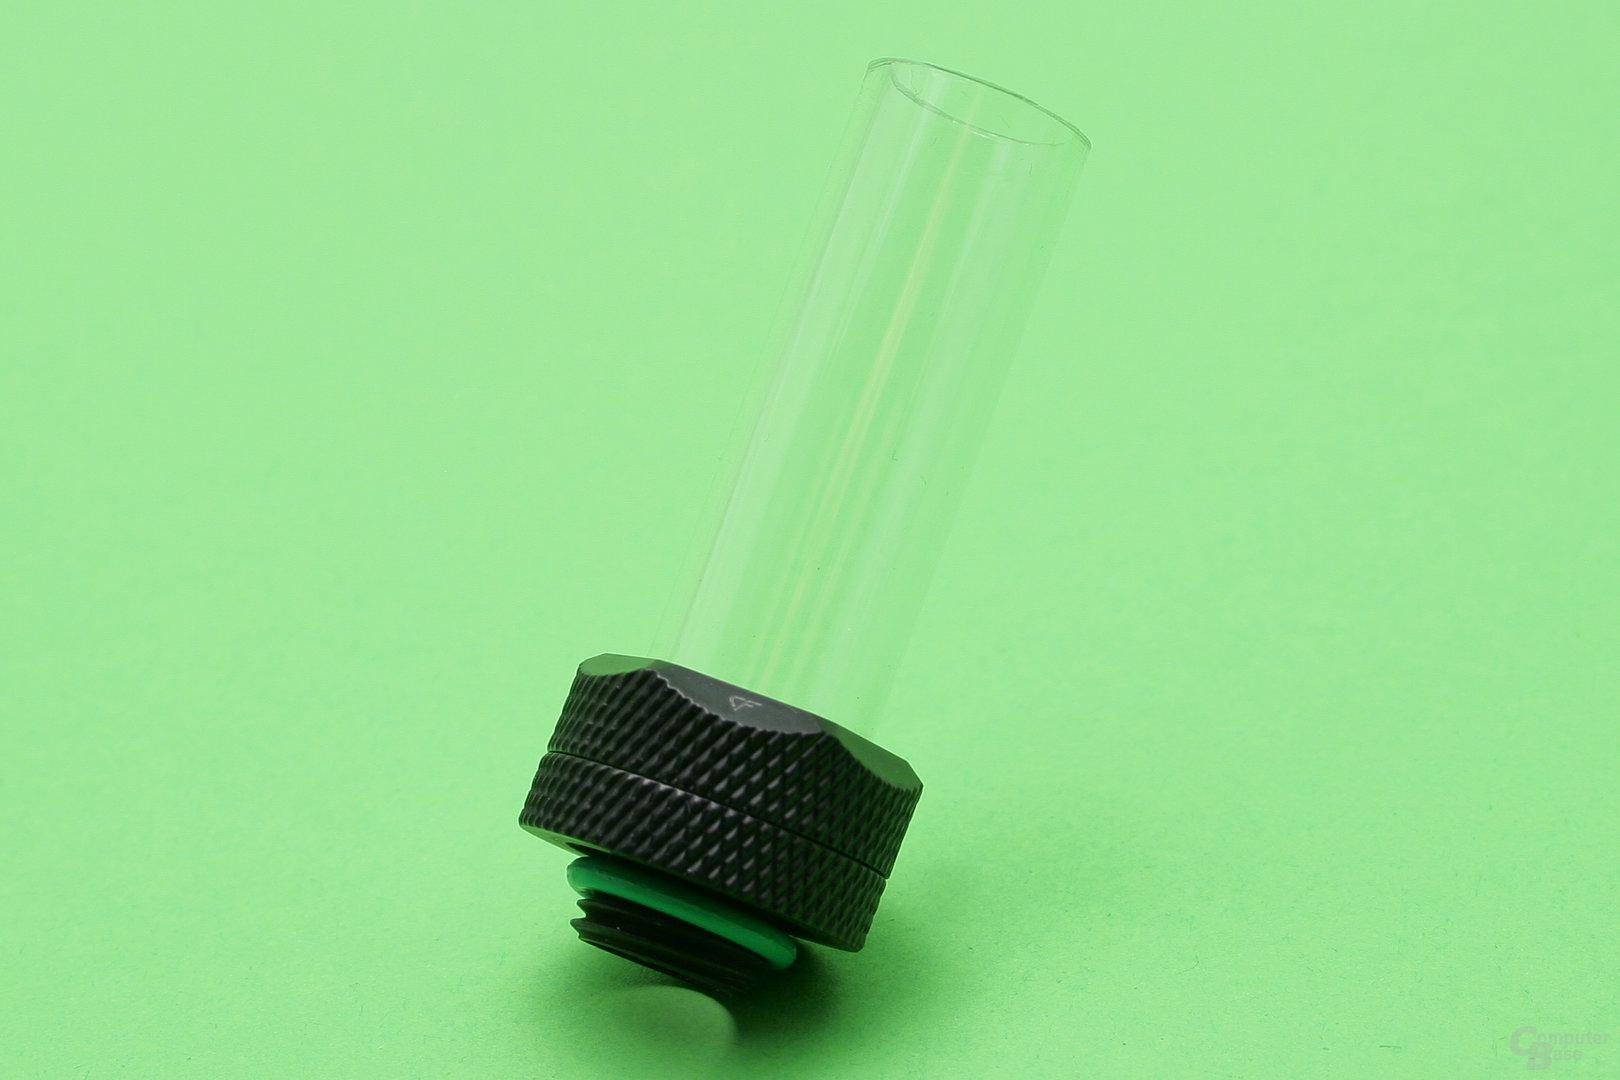 Herkömmliches Hardtube-Fitting: Dichtungsringe liegen außen am Rohr an